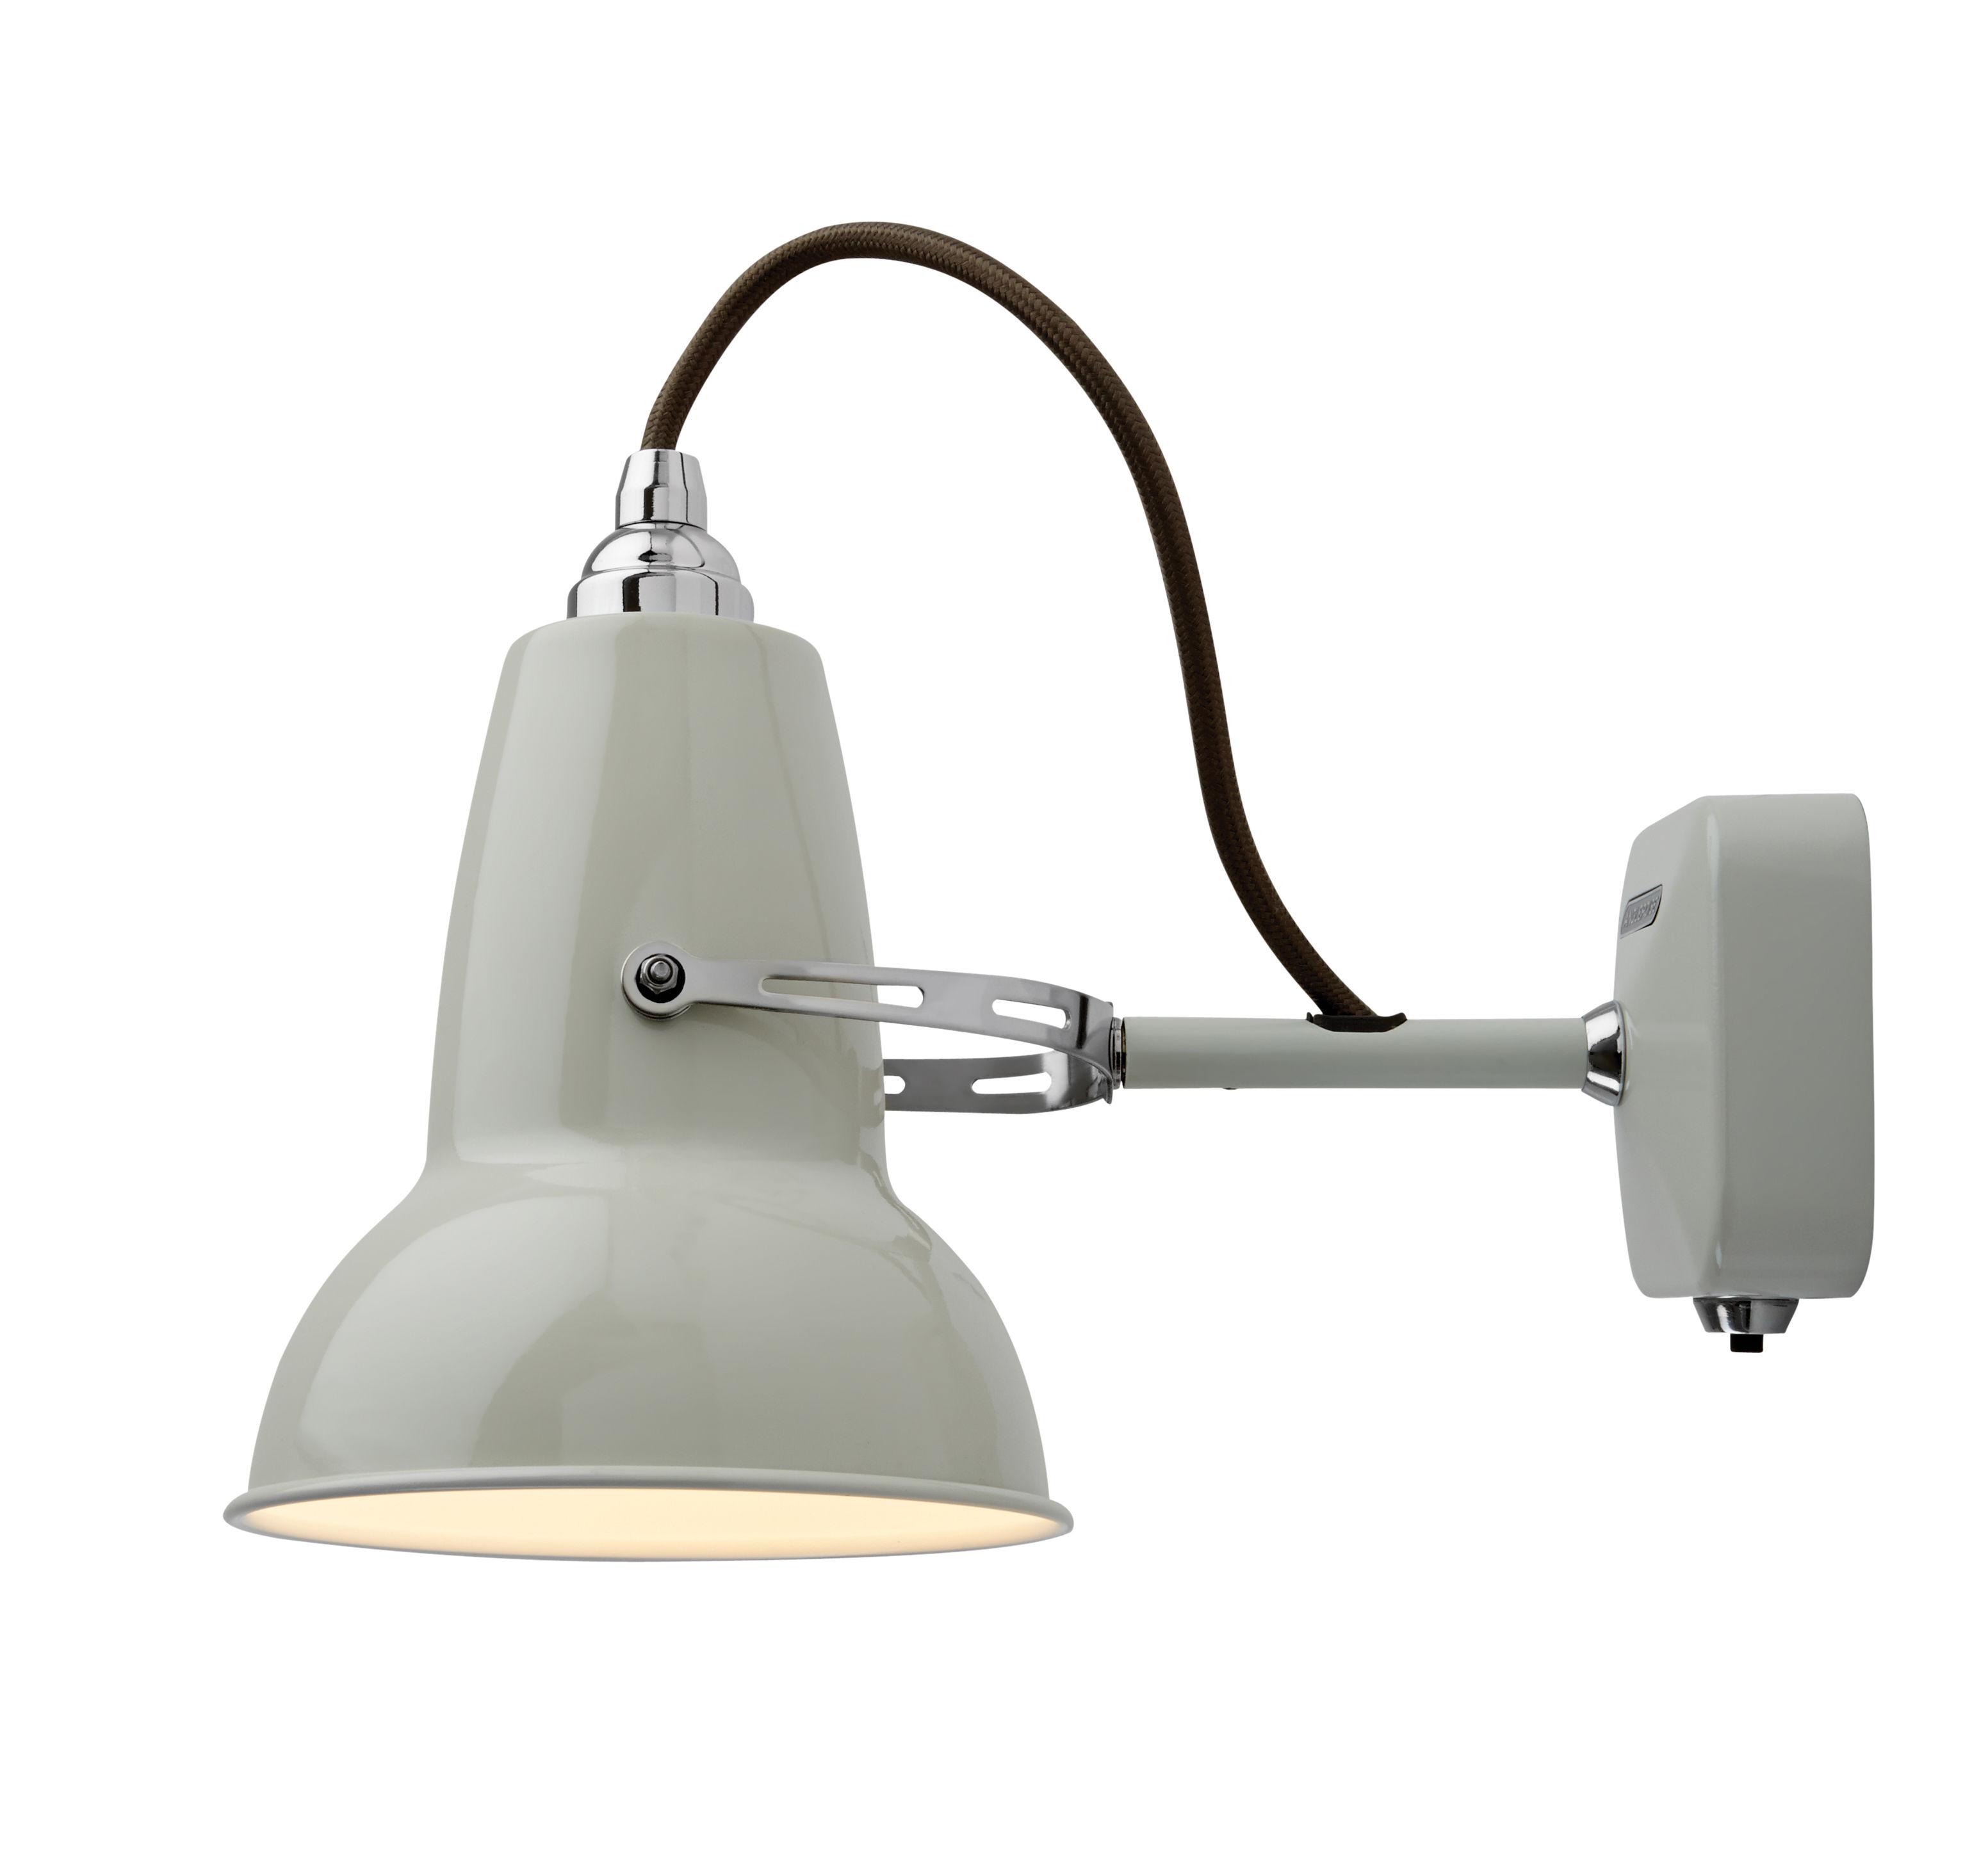 Illuminazione - Lampade da parete - Applique Original 1227 Mini - Anglepoise - Bianco lino - Acciaio, Ghisa di alluminio